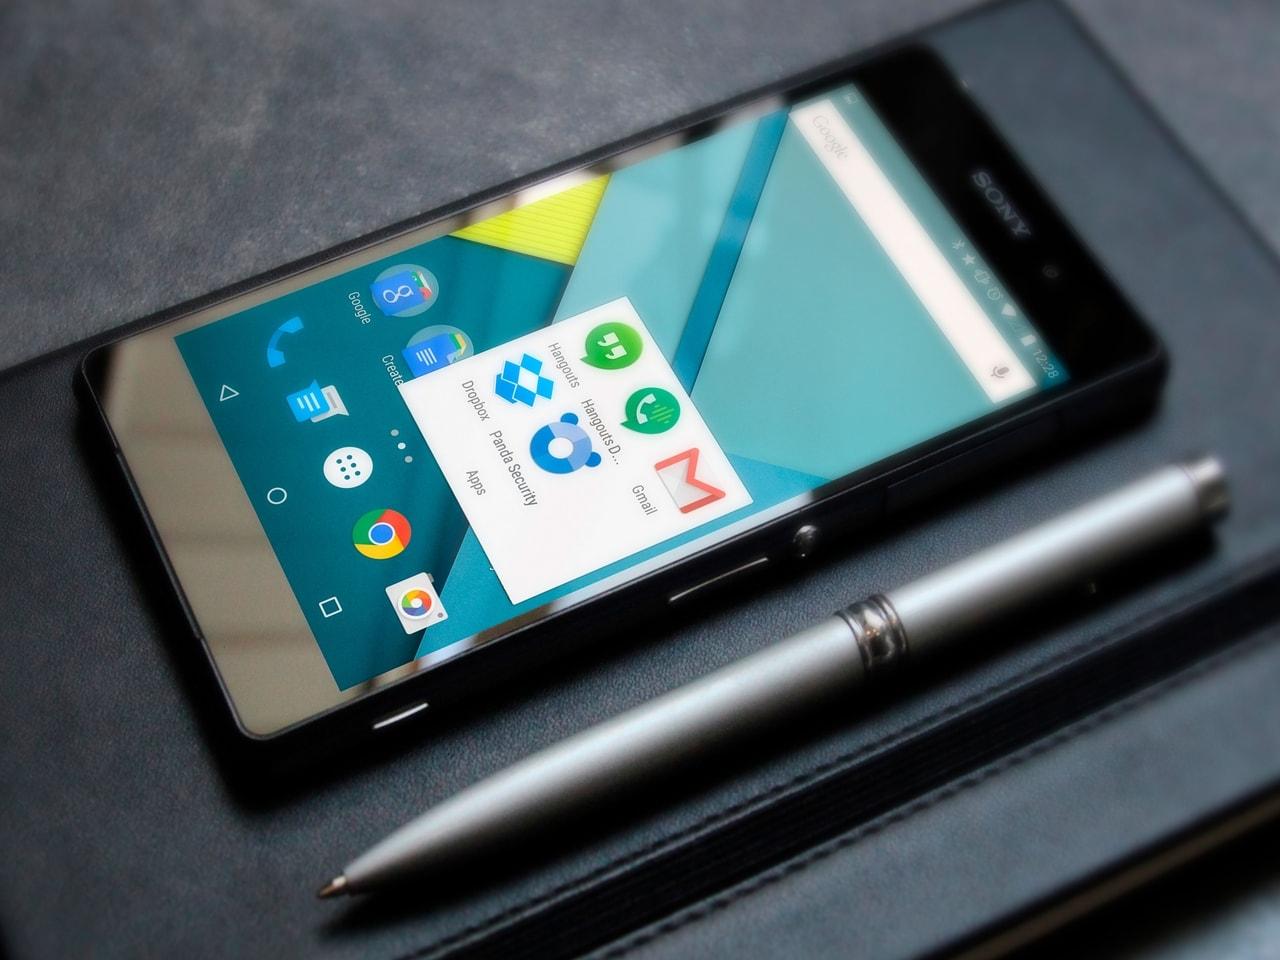 Vivez une expérience unique avec les smartphones Sony Xperia